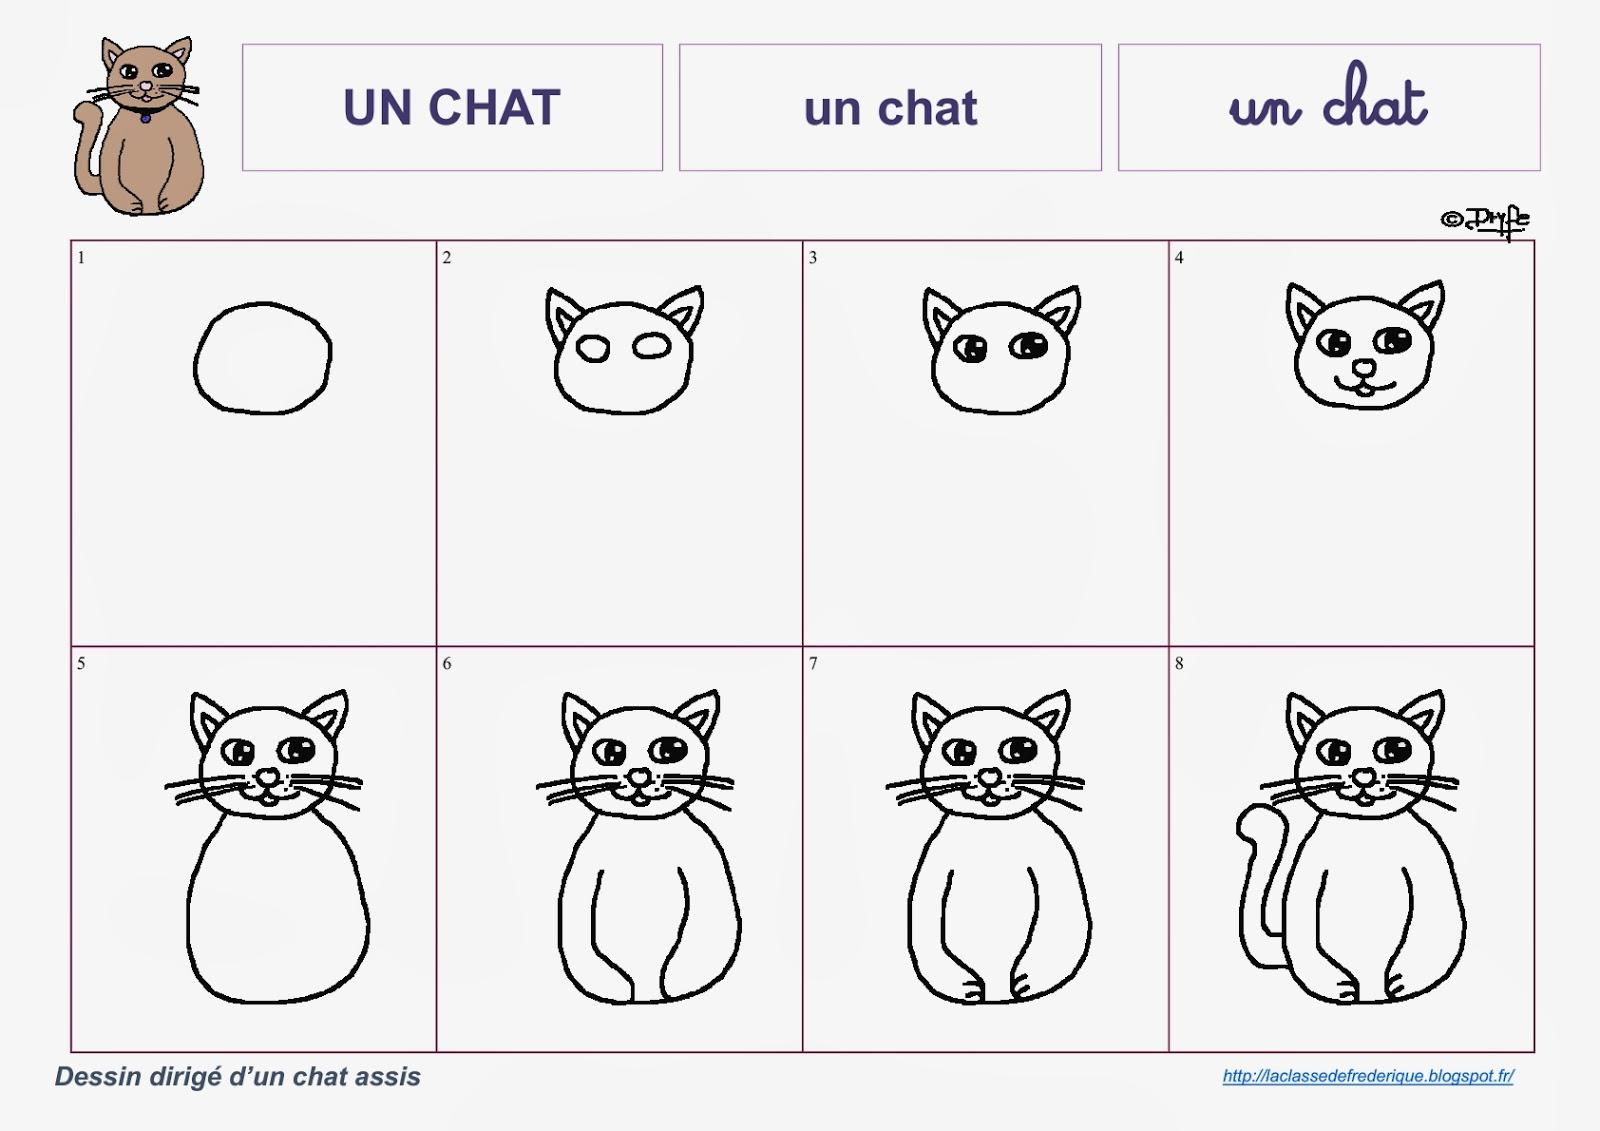 Laclassedefrederique dessins dirig s - Dessin chat assis ...